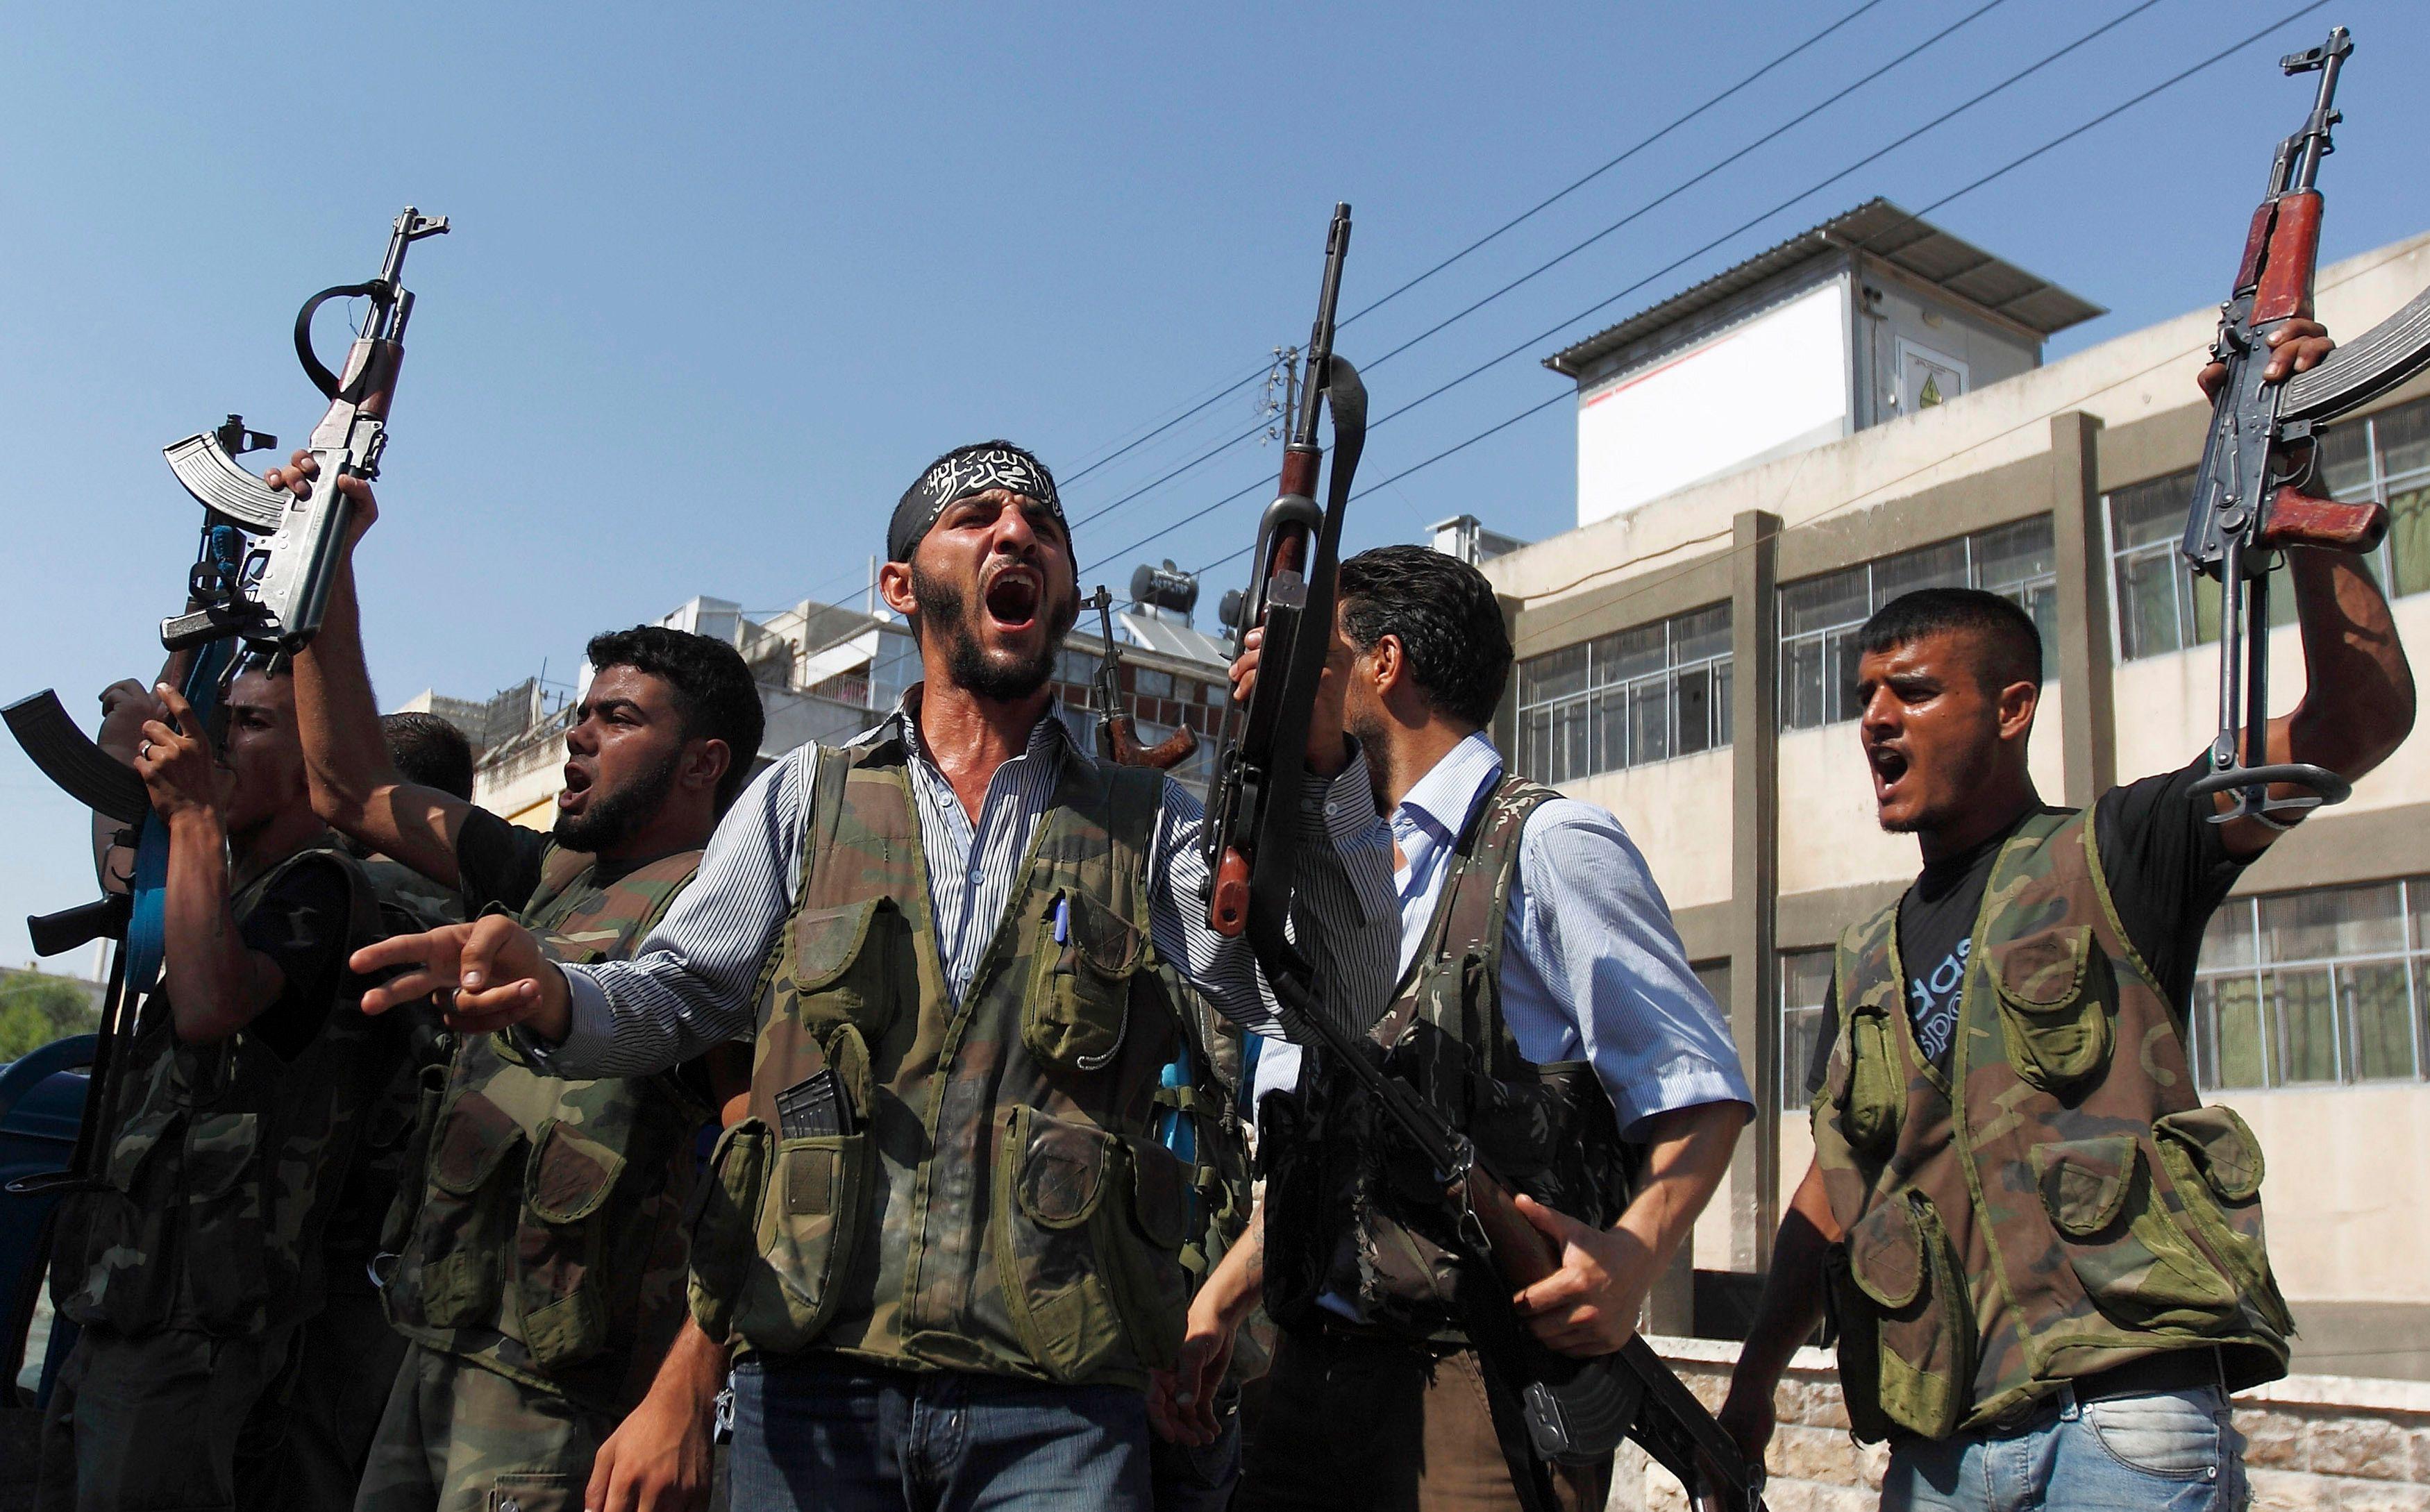 Les rebelles syriens sont accusés par le régime de Bachar al-Assad d'avoir utilisé des armes chimiques